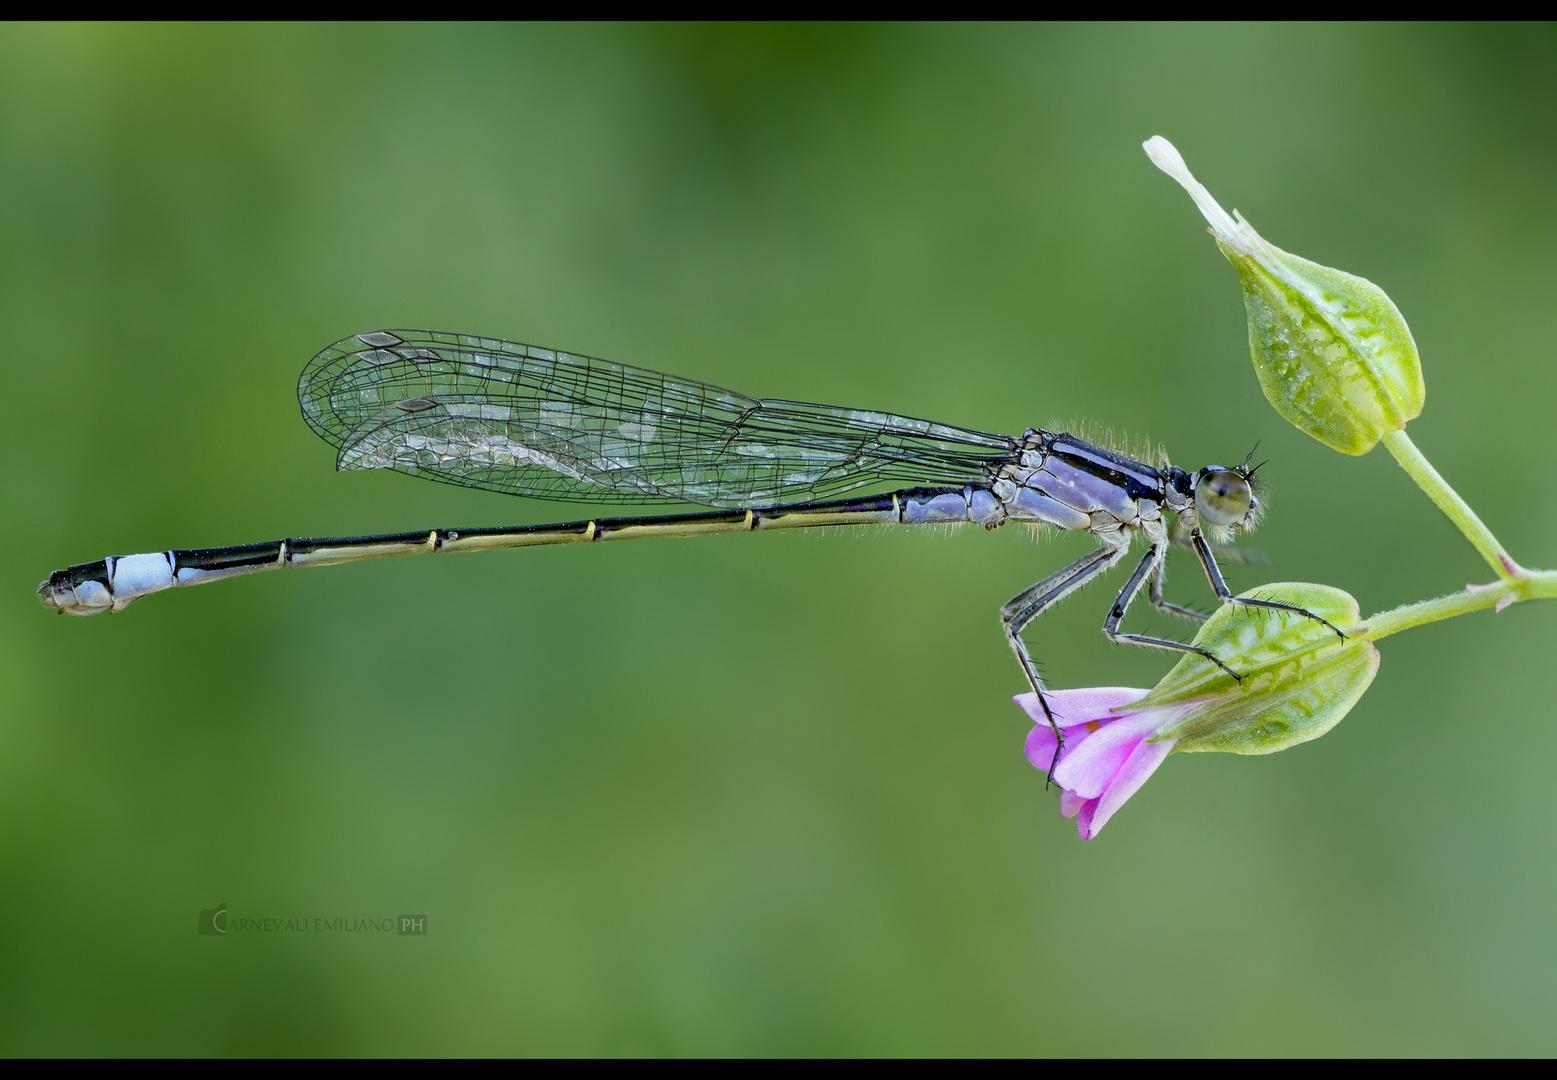 Ishcnura elegans